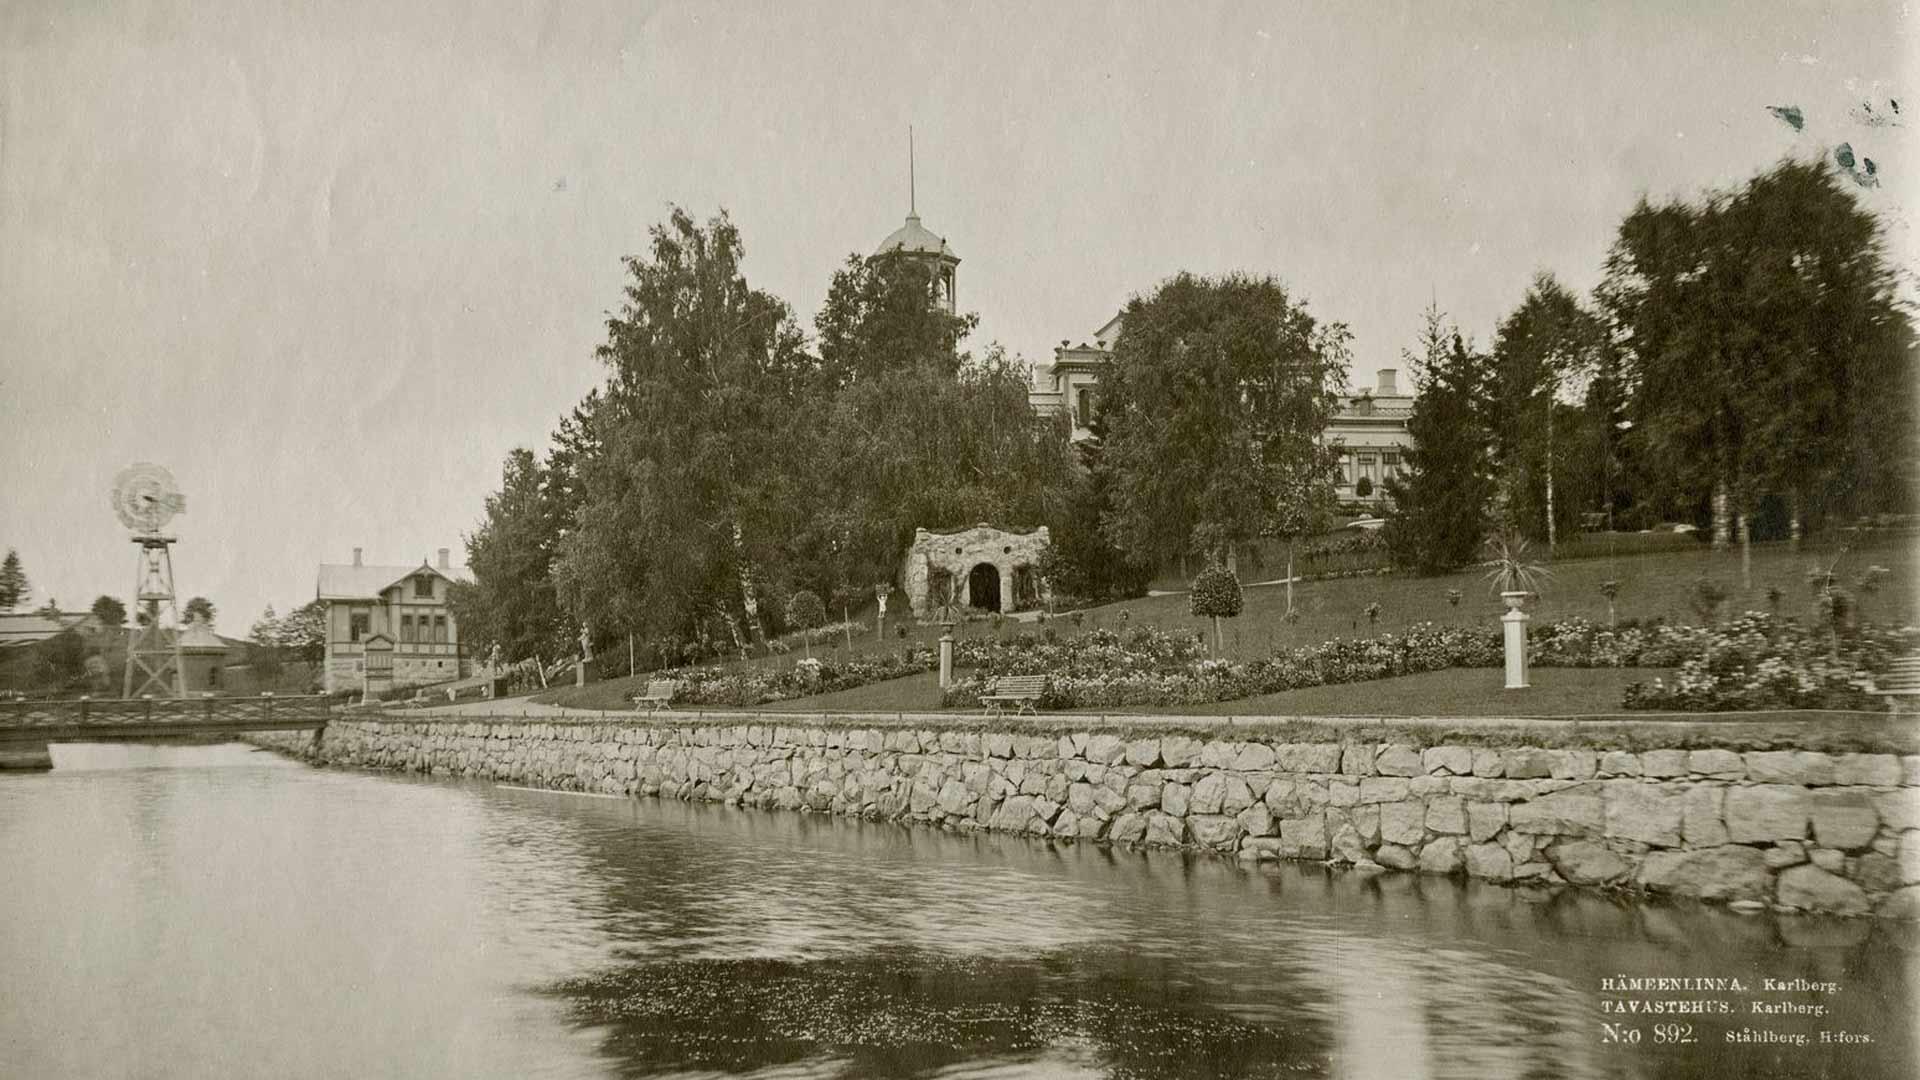 Karlbergin kartanon puutarha oli näyttävä. Joka kevät sinne istutettiin yli 100 000 omissa kasvihuoneissa kasvatettua kukantainta.